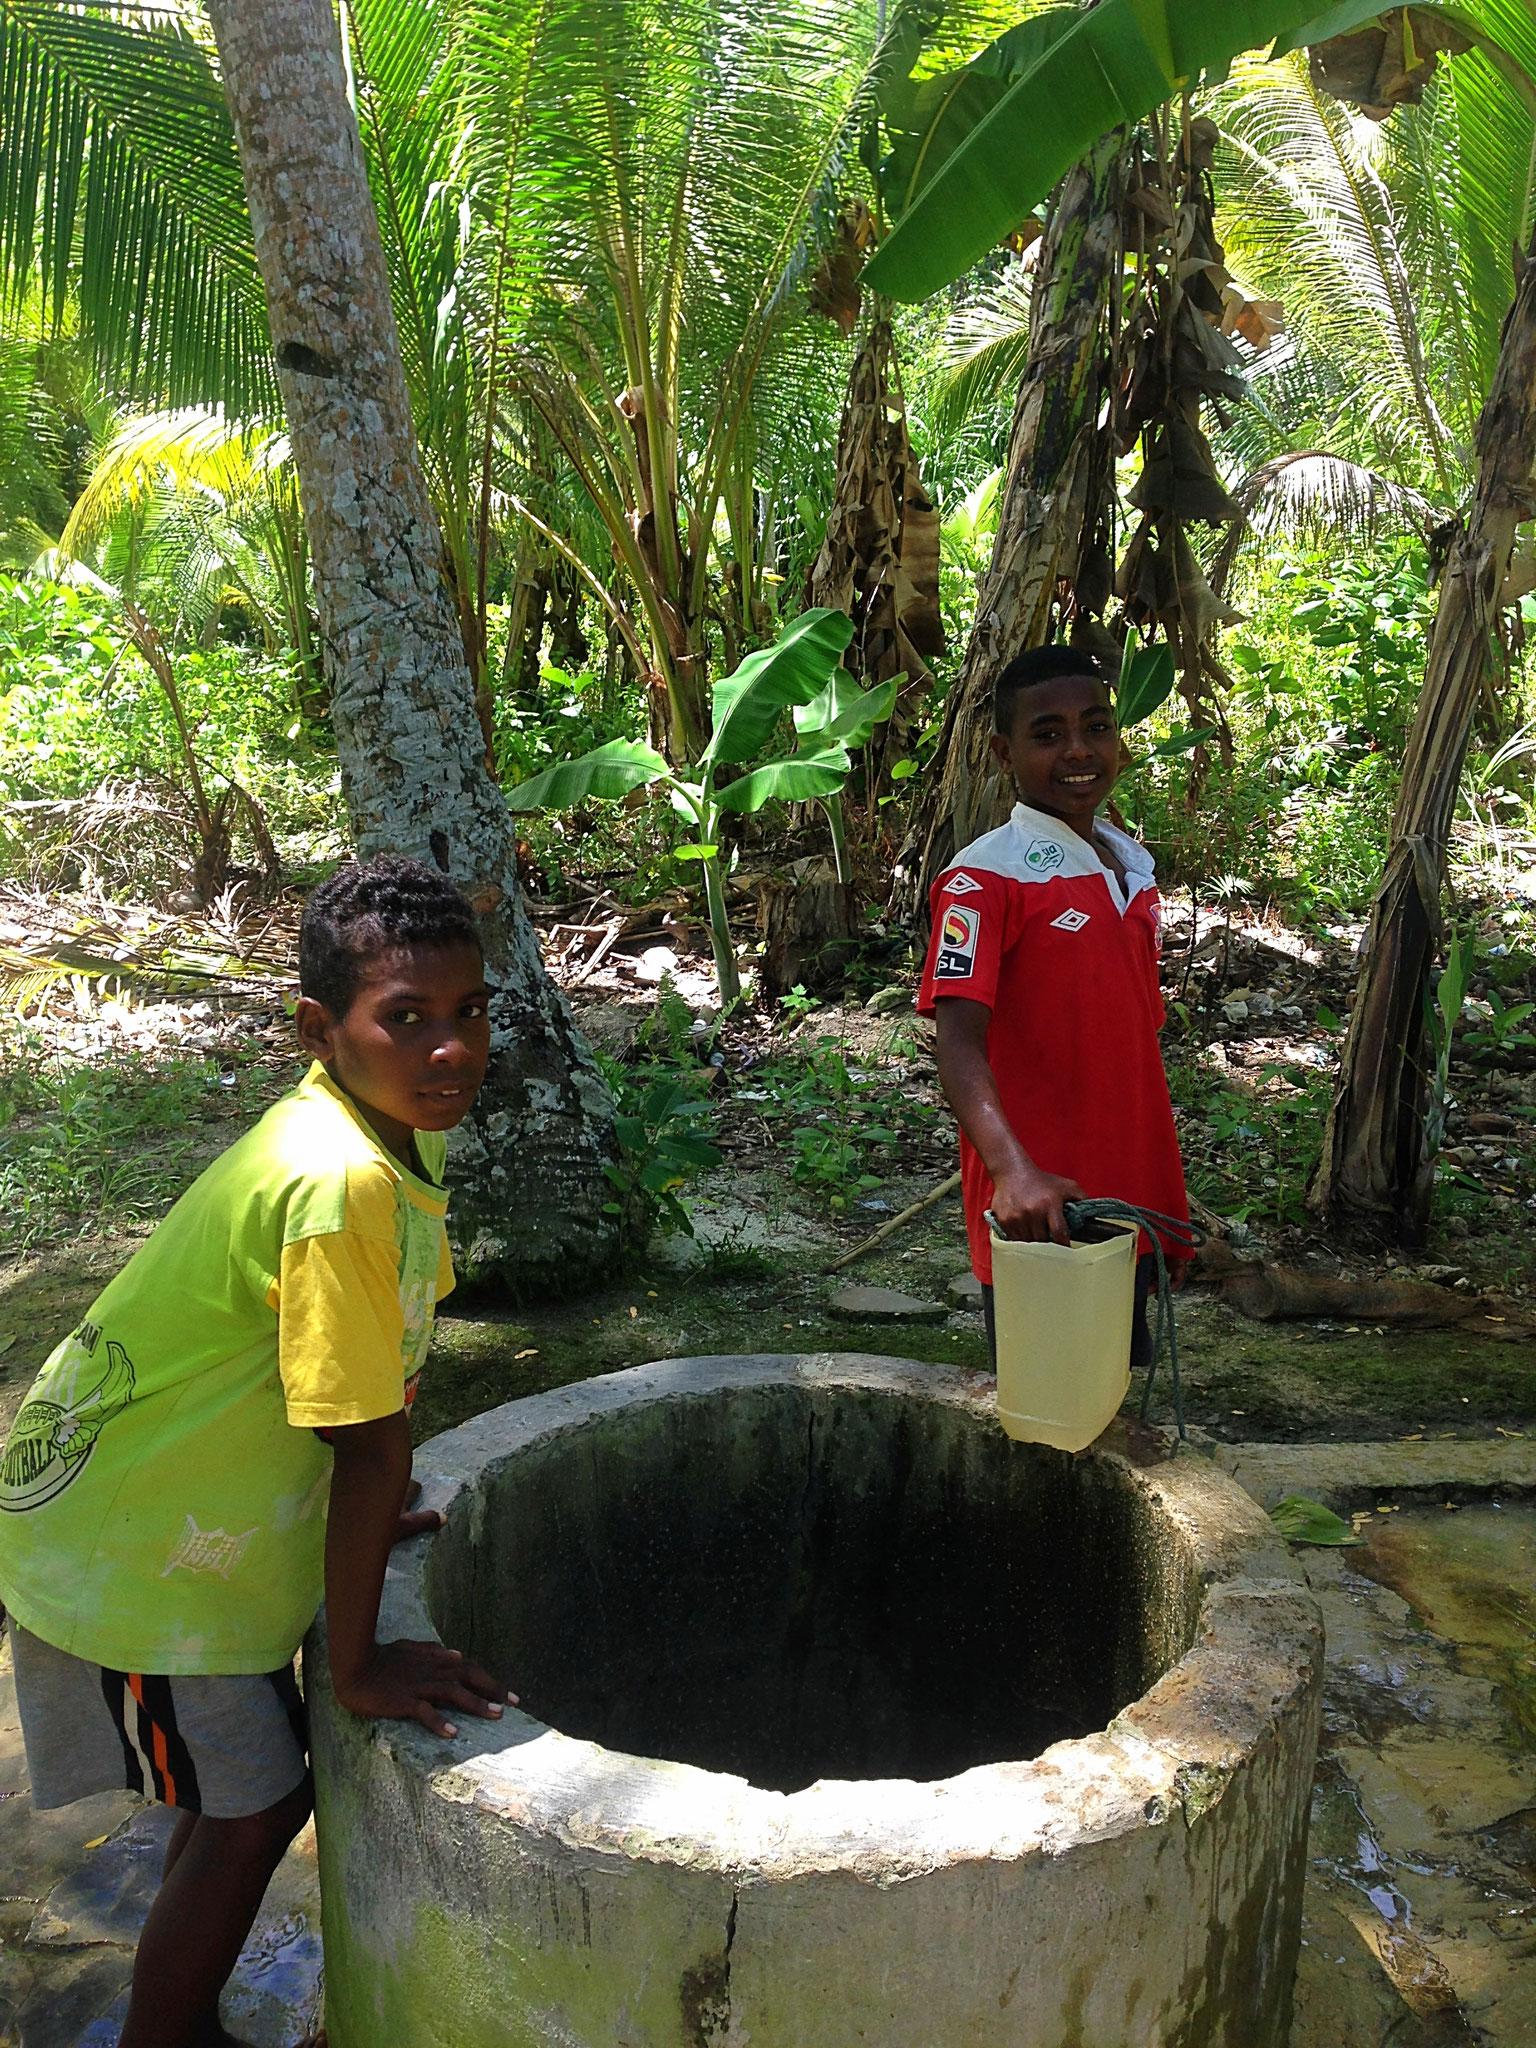 Kein fliessend Wasser - hier erfrischen sich zwei Jungen an einem Wasserloch